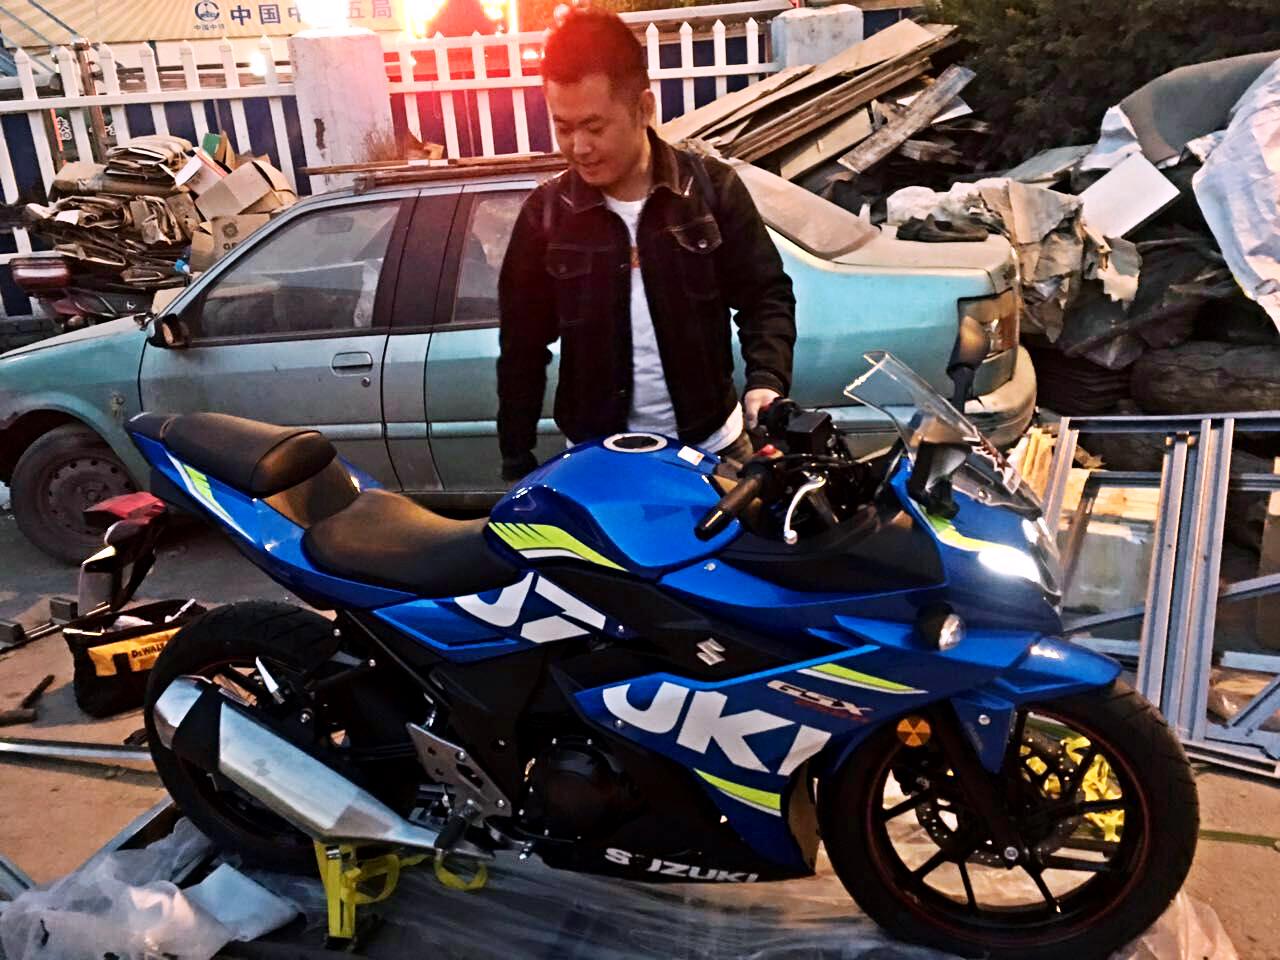 邦百草 | 铃木gsx250r「我的摩托我知道」_搜狐汽车